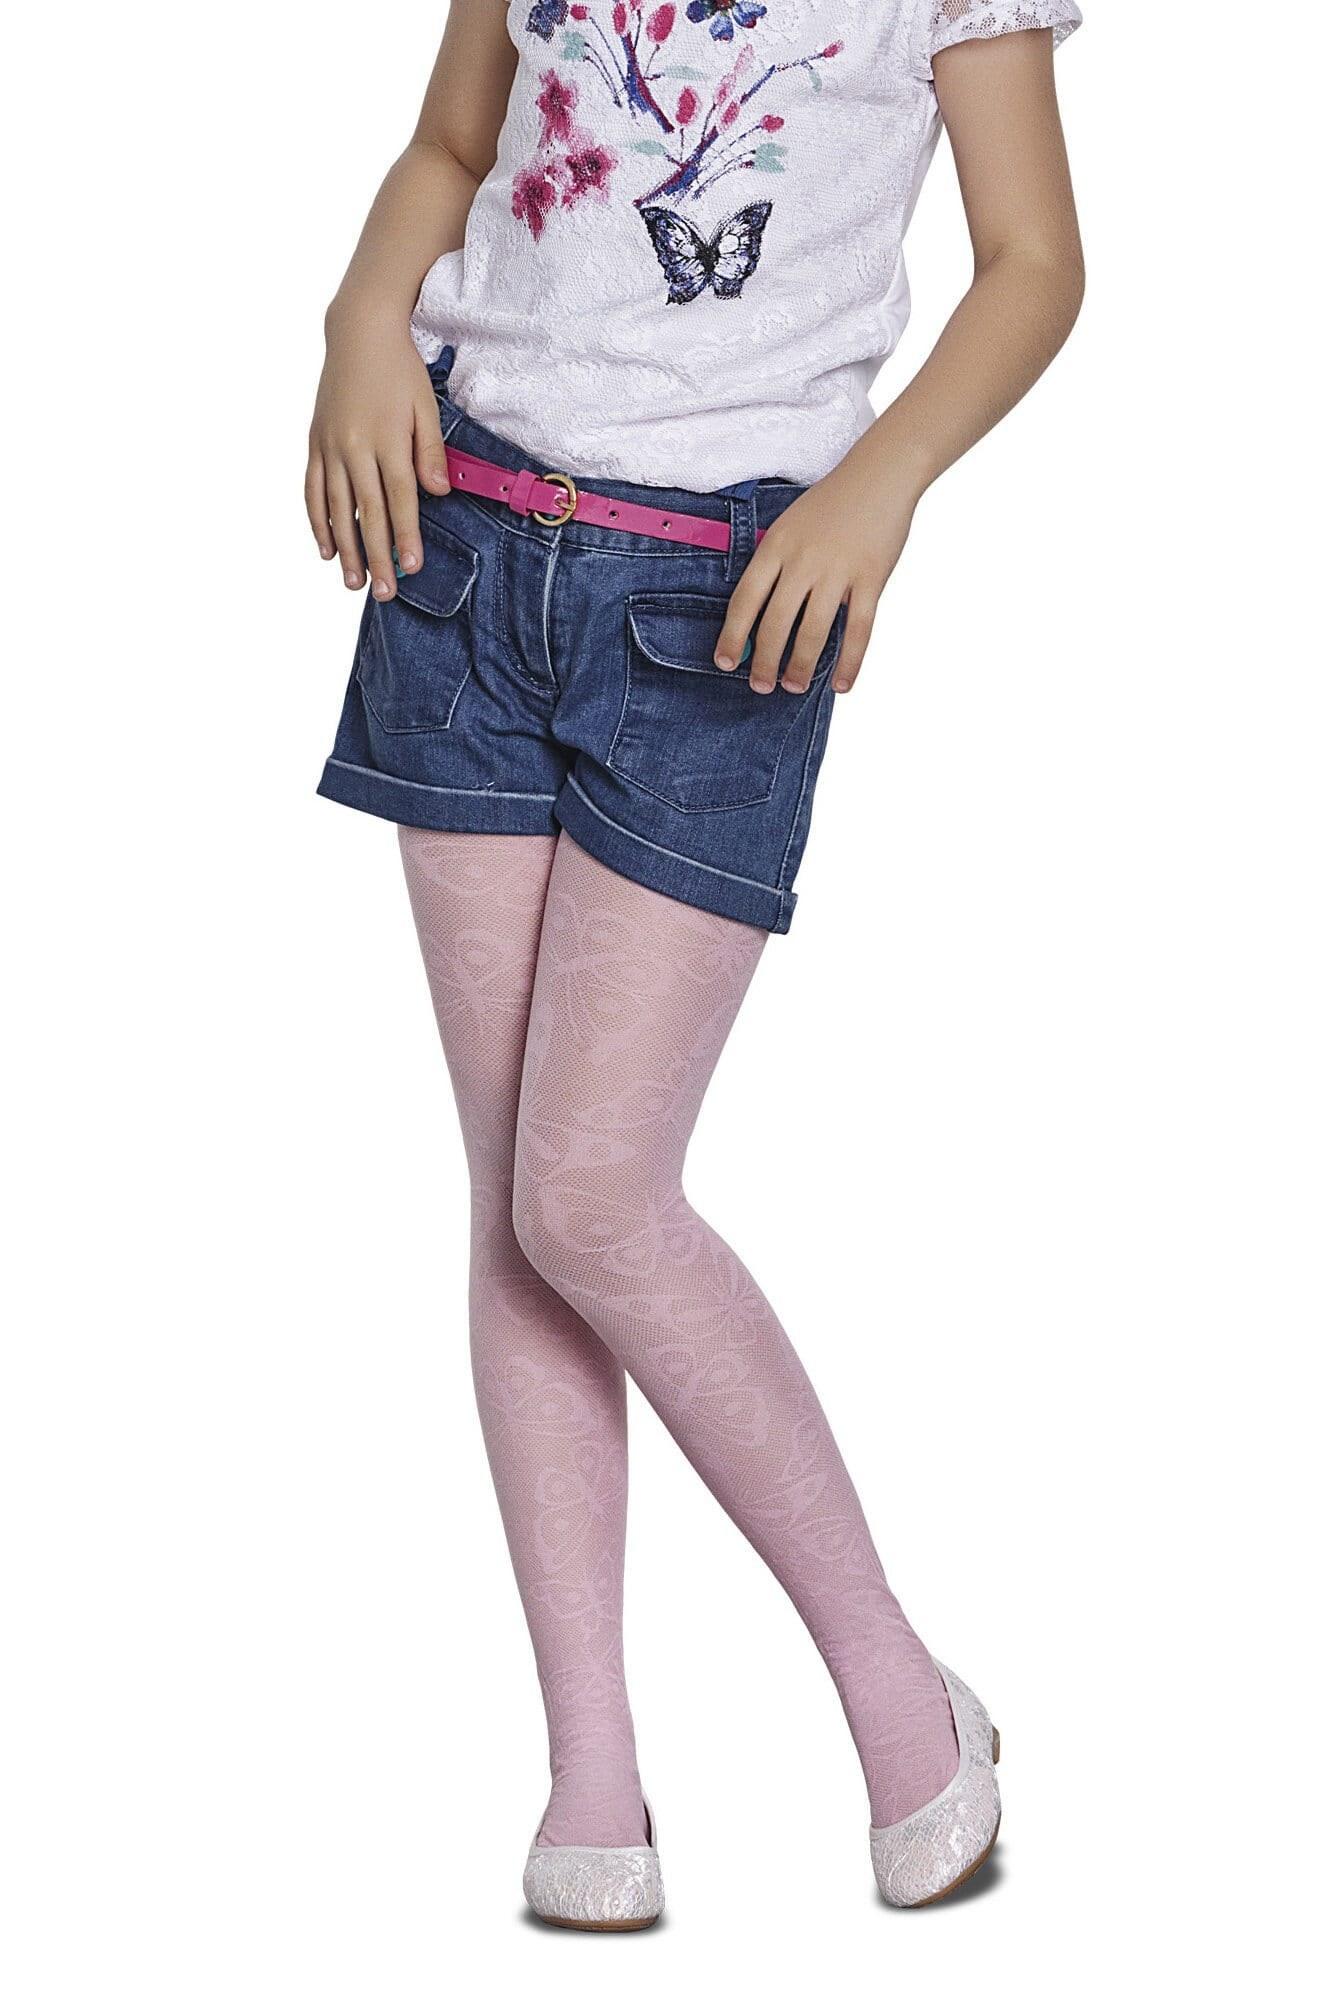 جوراب شلواری طرحدار دخترانه پنتی Patrice سفید  